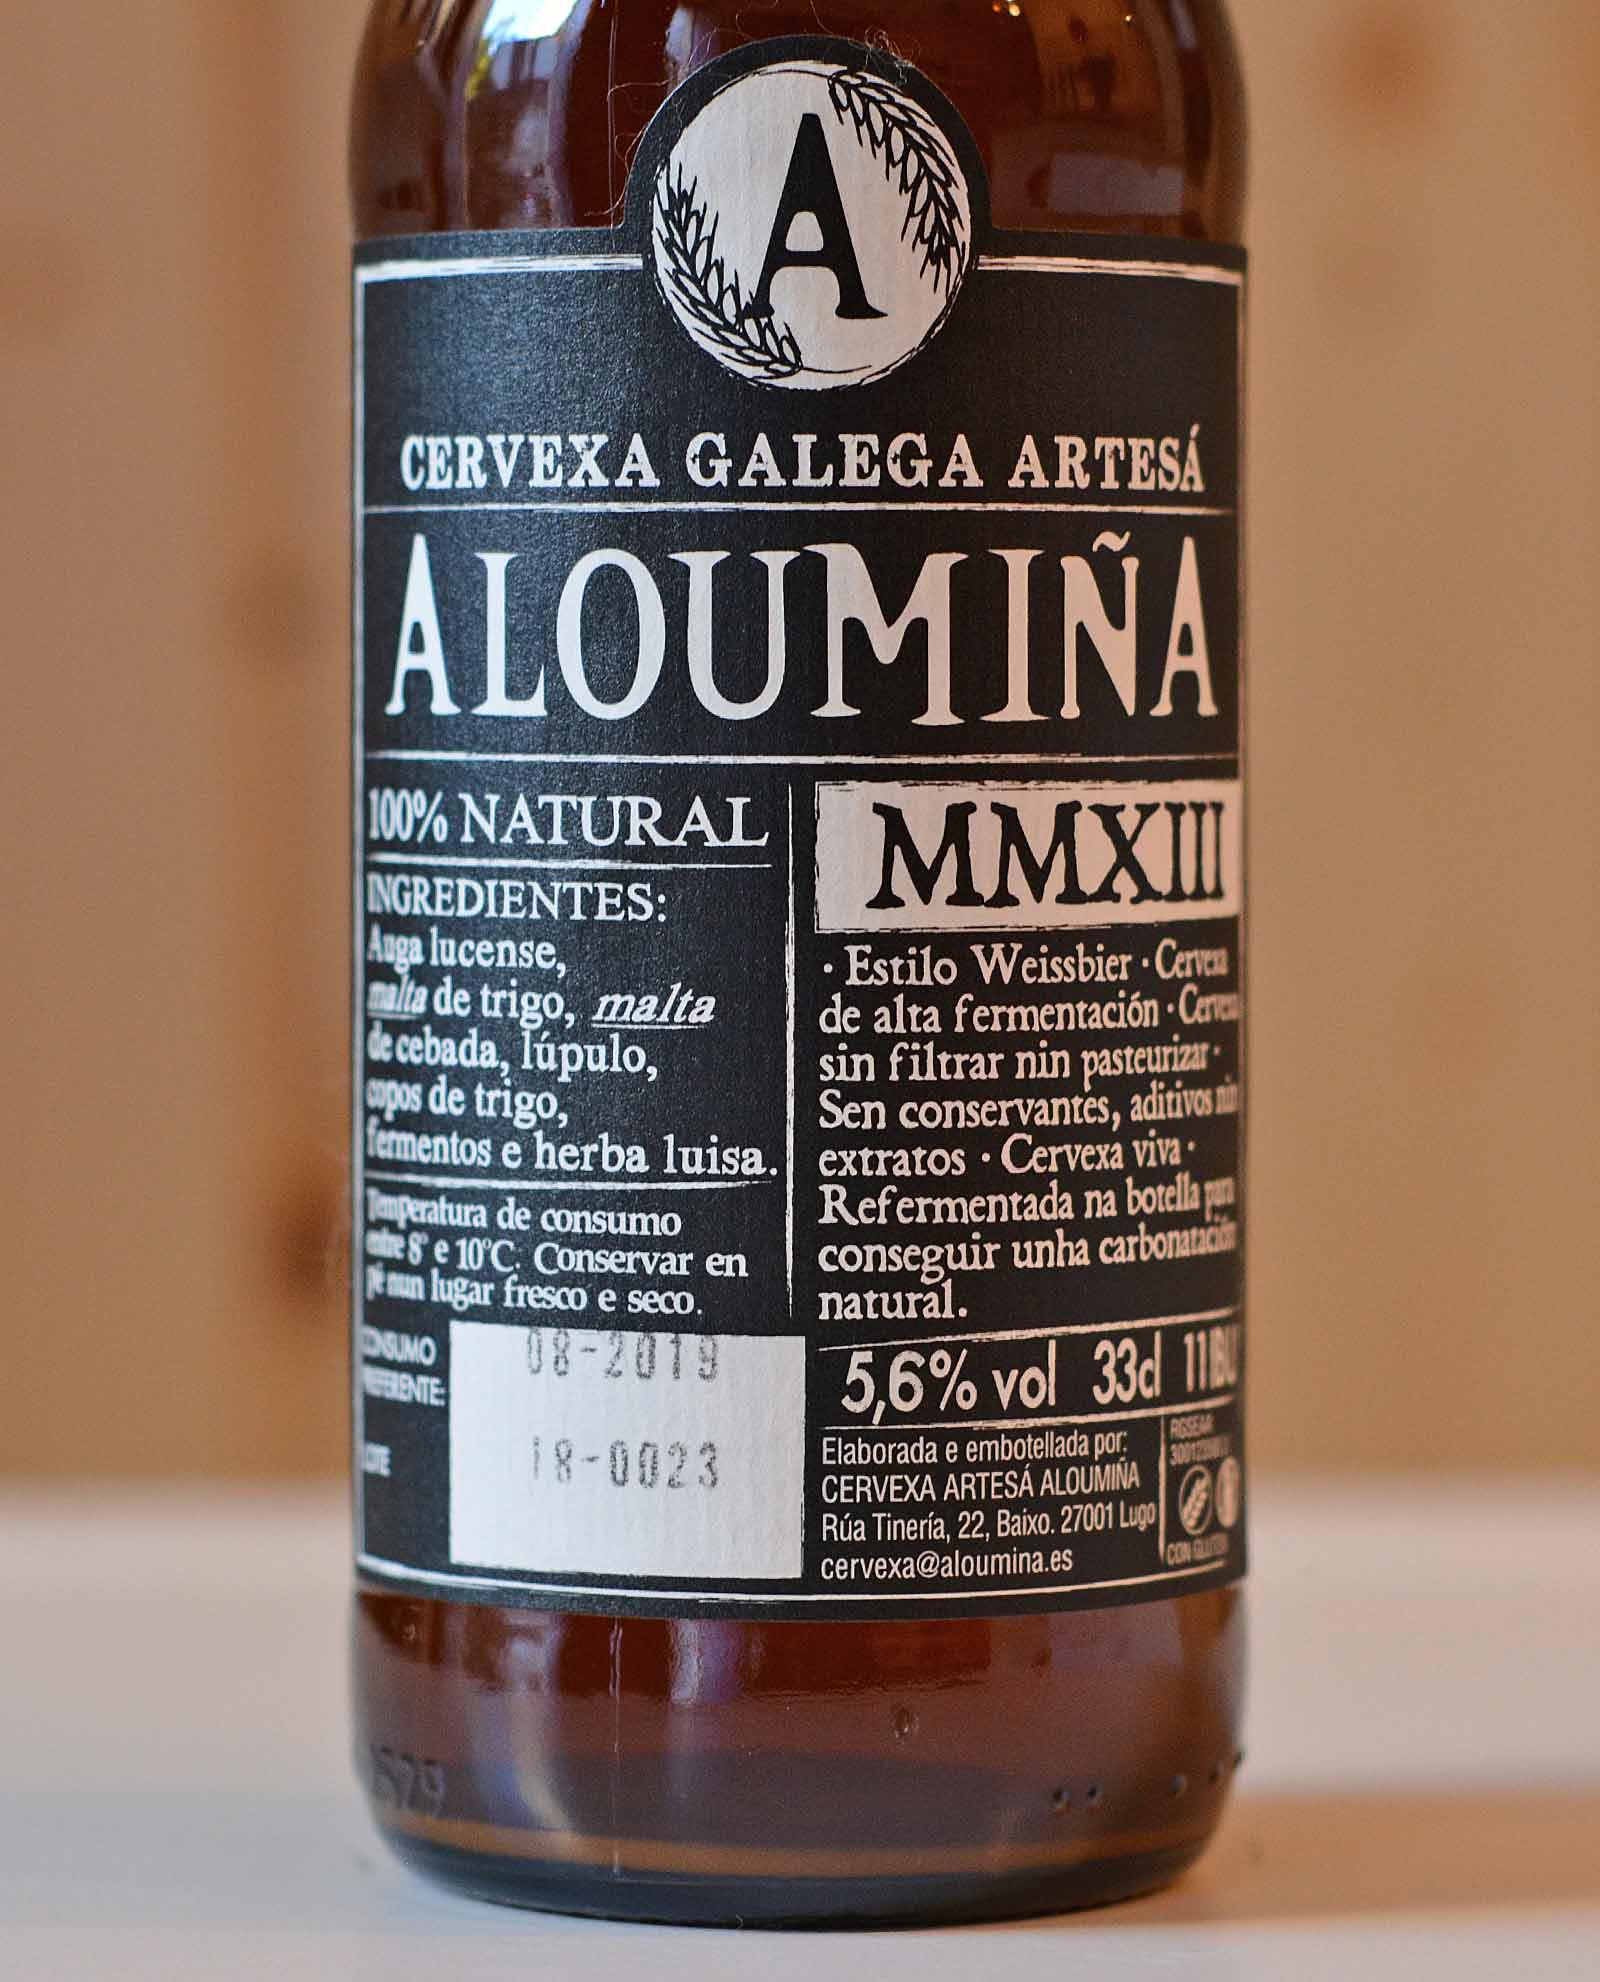 aloumina-cerveza-artesana-craft-beer-lugo-galicia-mmxiii-weissbier-001a